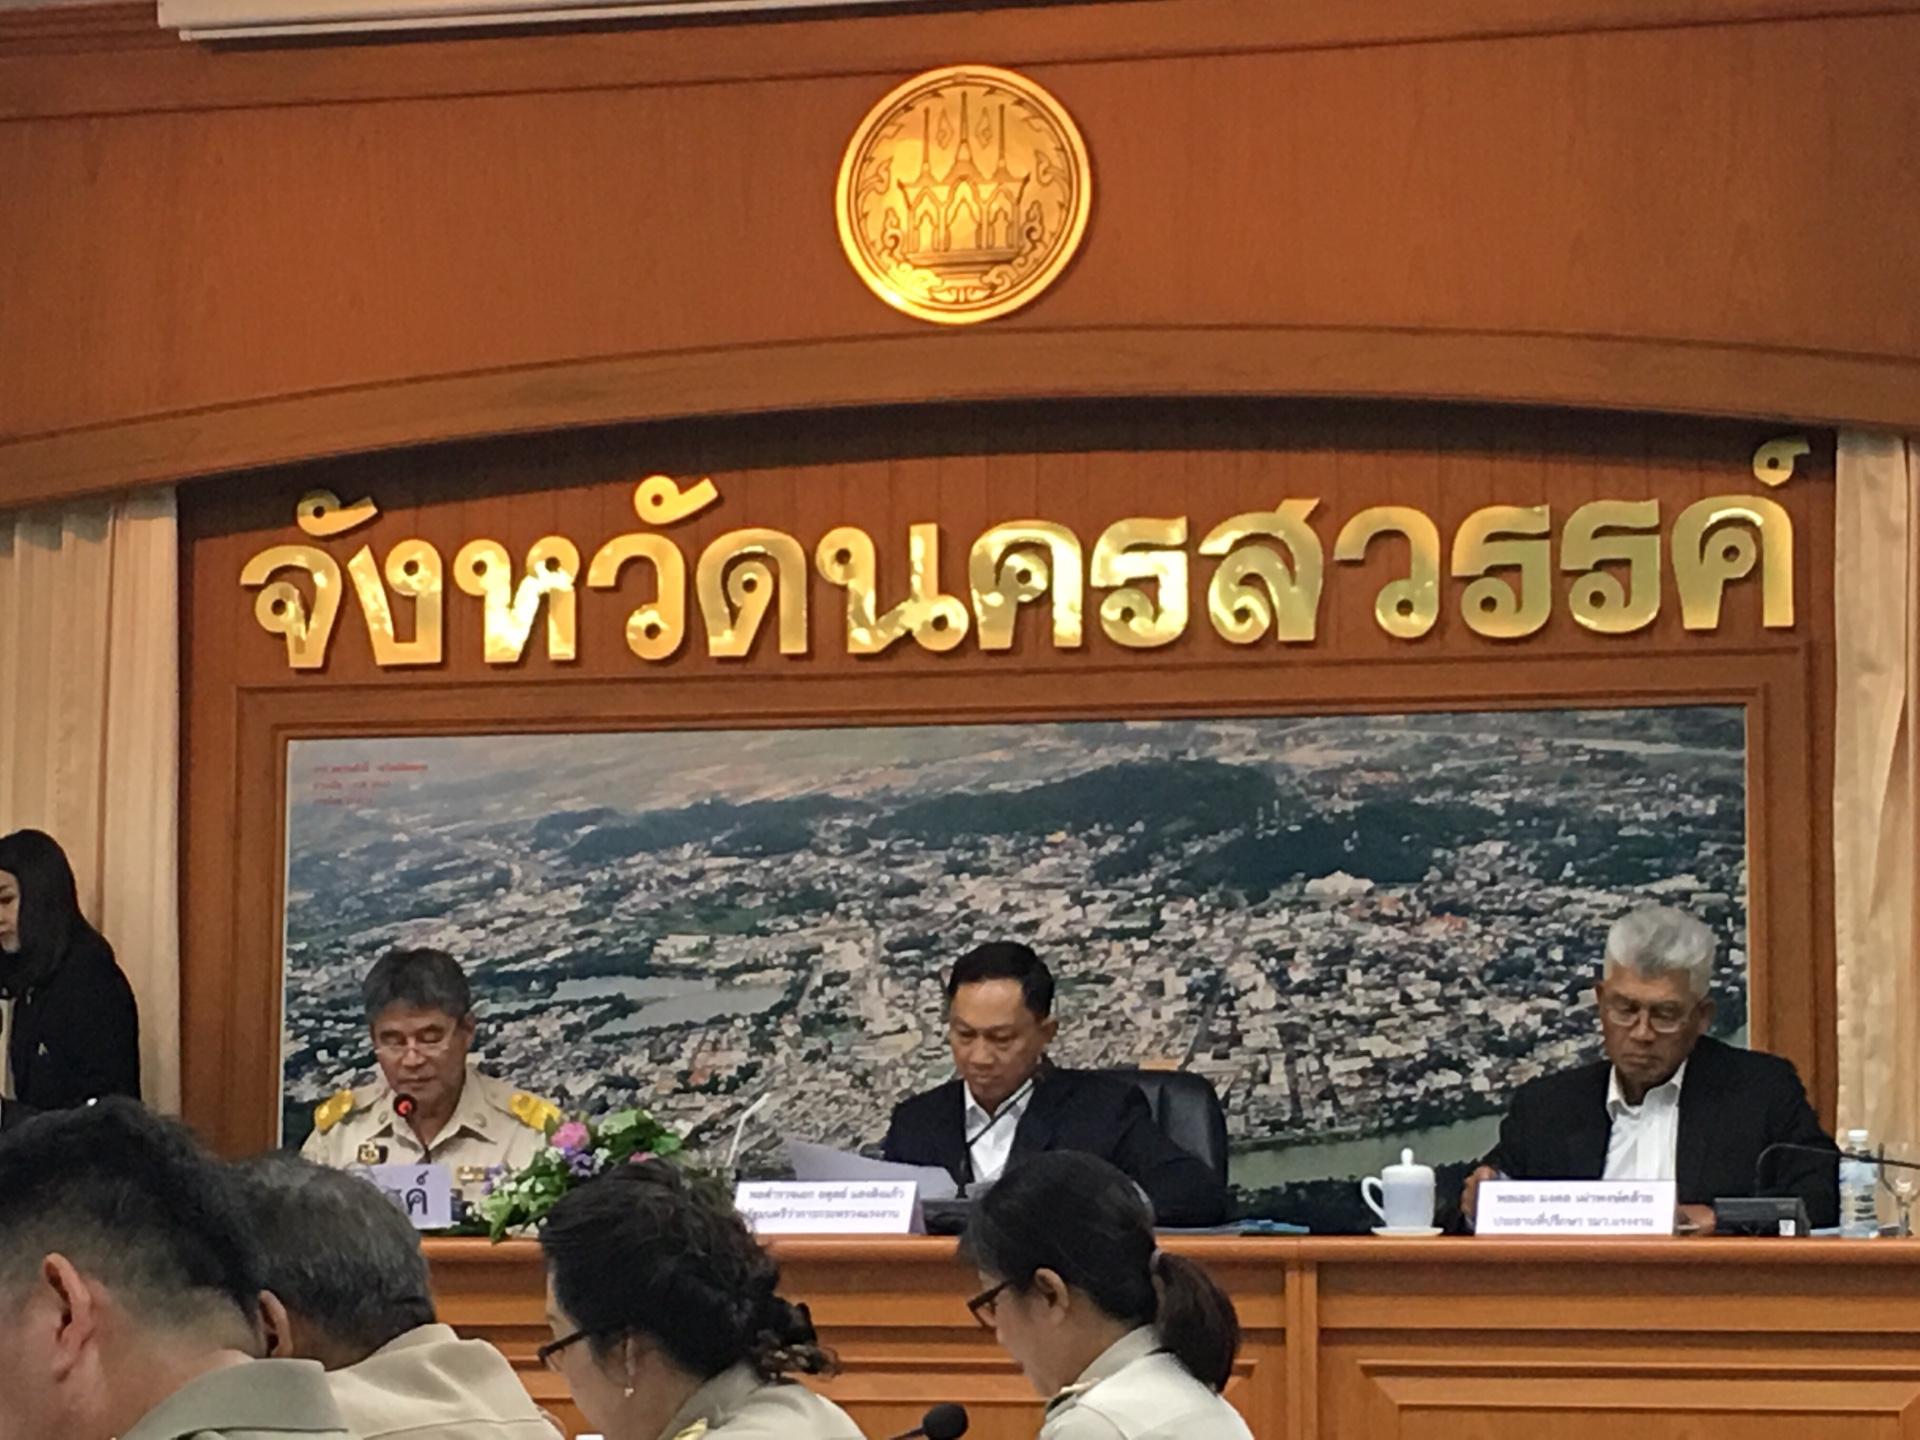 การประชุมมอบนโยบายการดำเนินงาน ปีงบประมาณ 2562